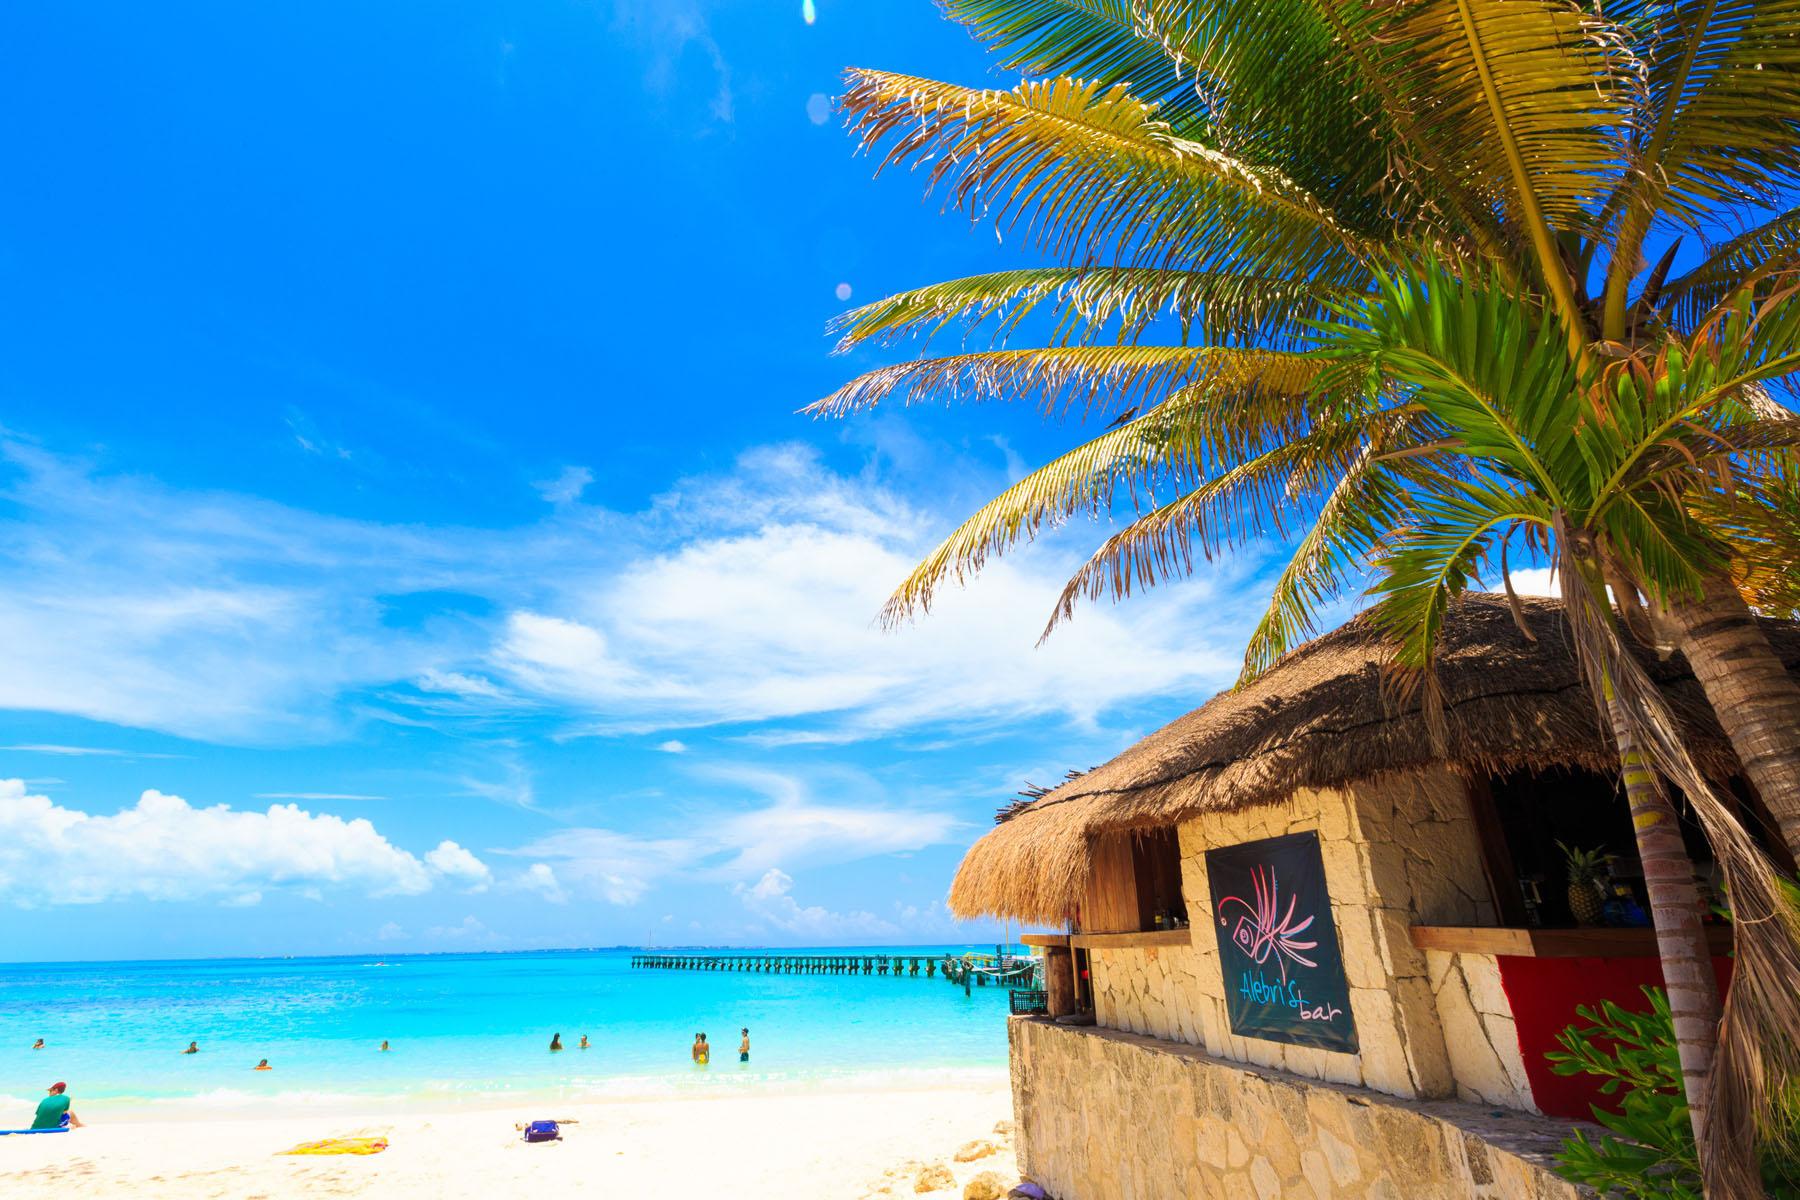 cancun_468959411